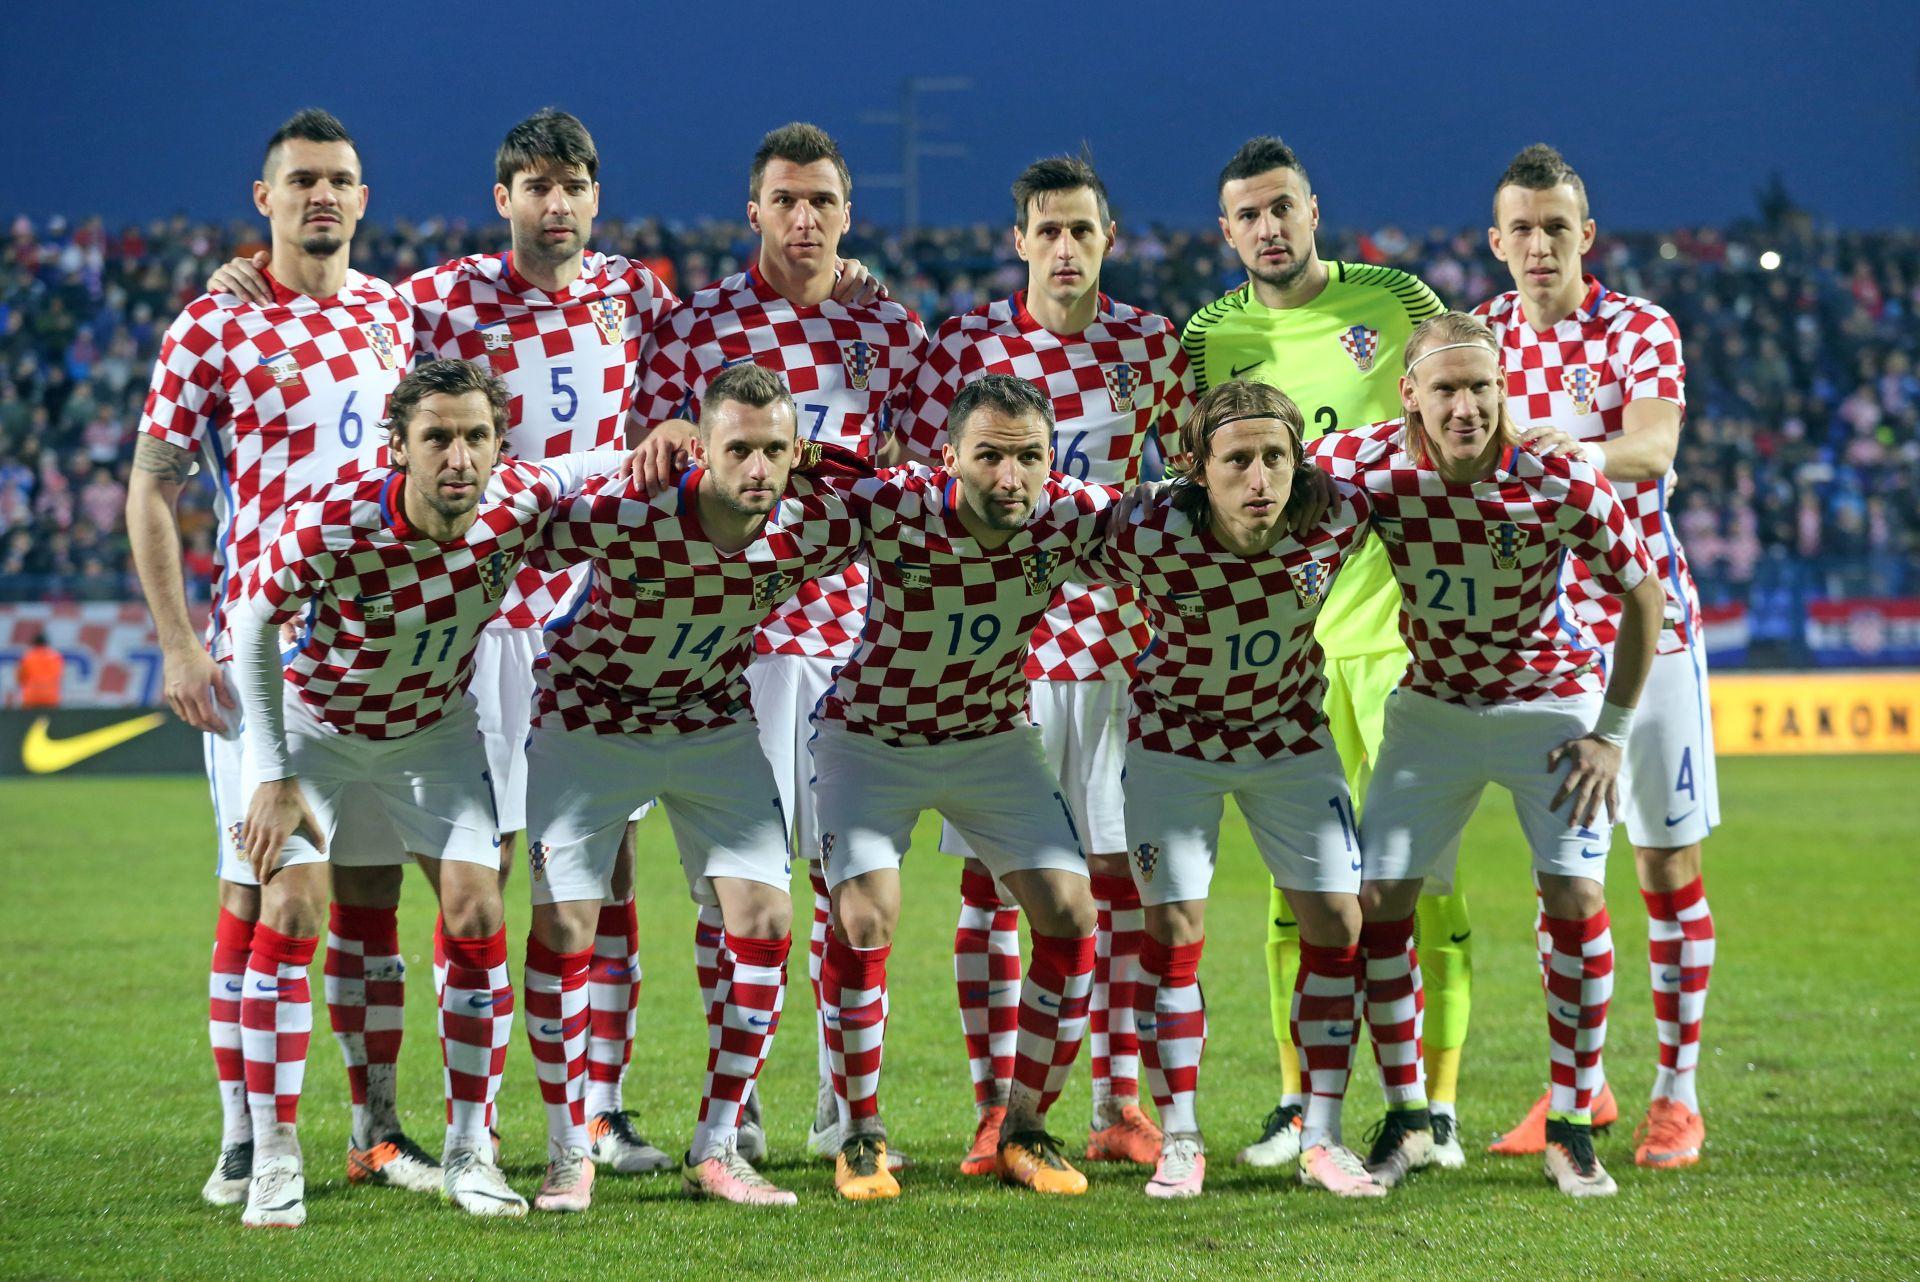 GREE CHINA CUP: Hrvatska nogometna reprezentacija u siječnju na Međunarodnom nogometnom kupu